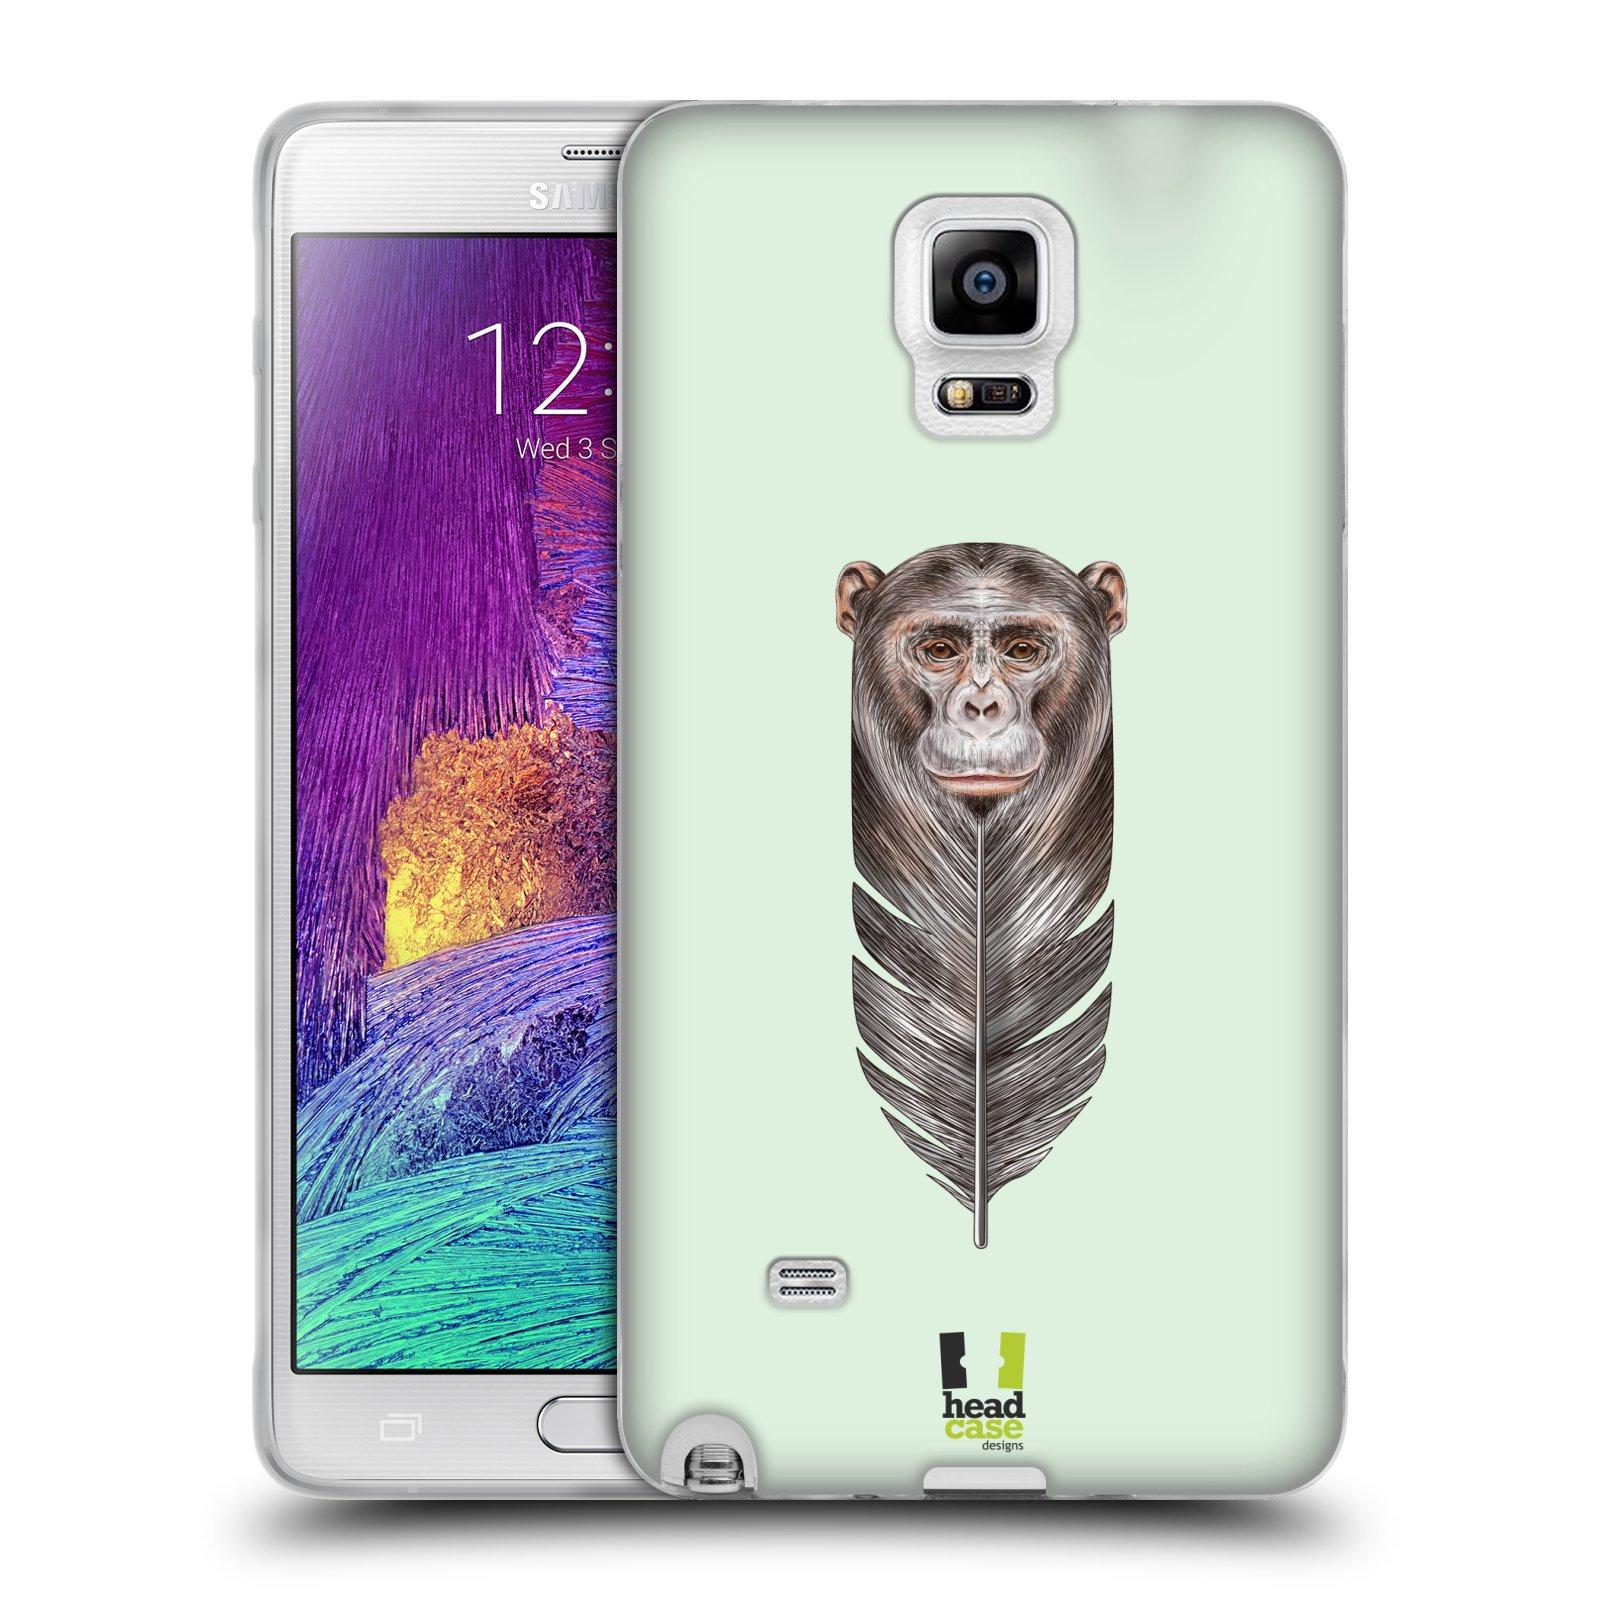 Silikonové pouzdro na mobil Samsung Galaxy Note 4 HEAD CASE PÍRKO OPIČKA (Silikonový kryt či obal na mobilní telefon Samsung Galaxy Note 4 SM-N910F)